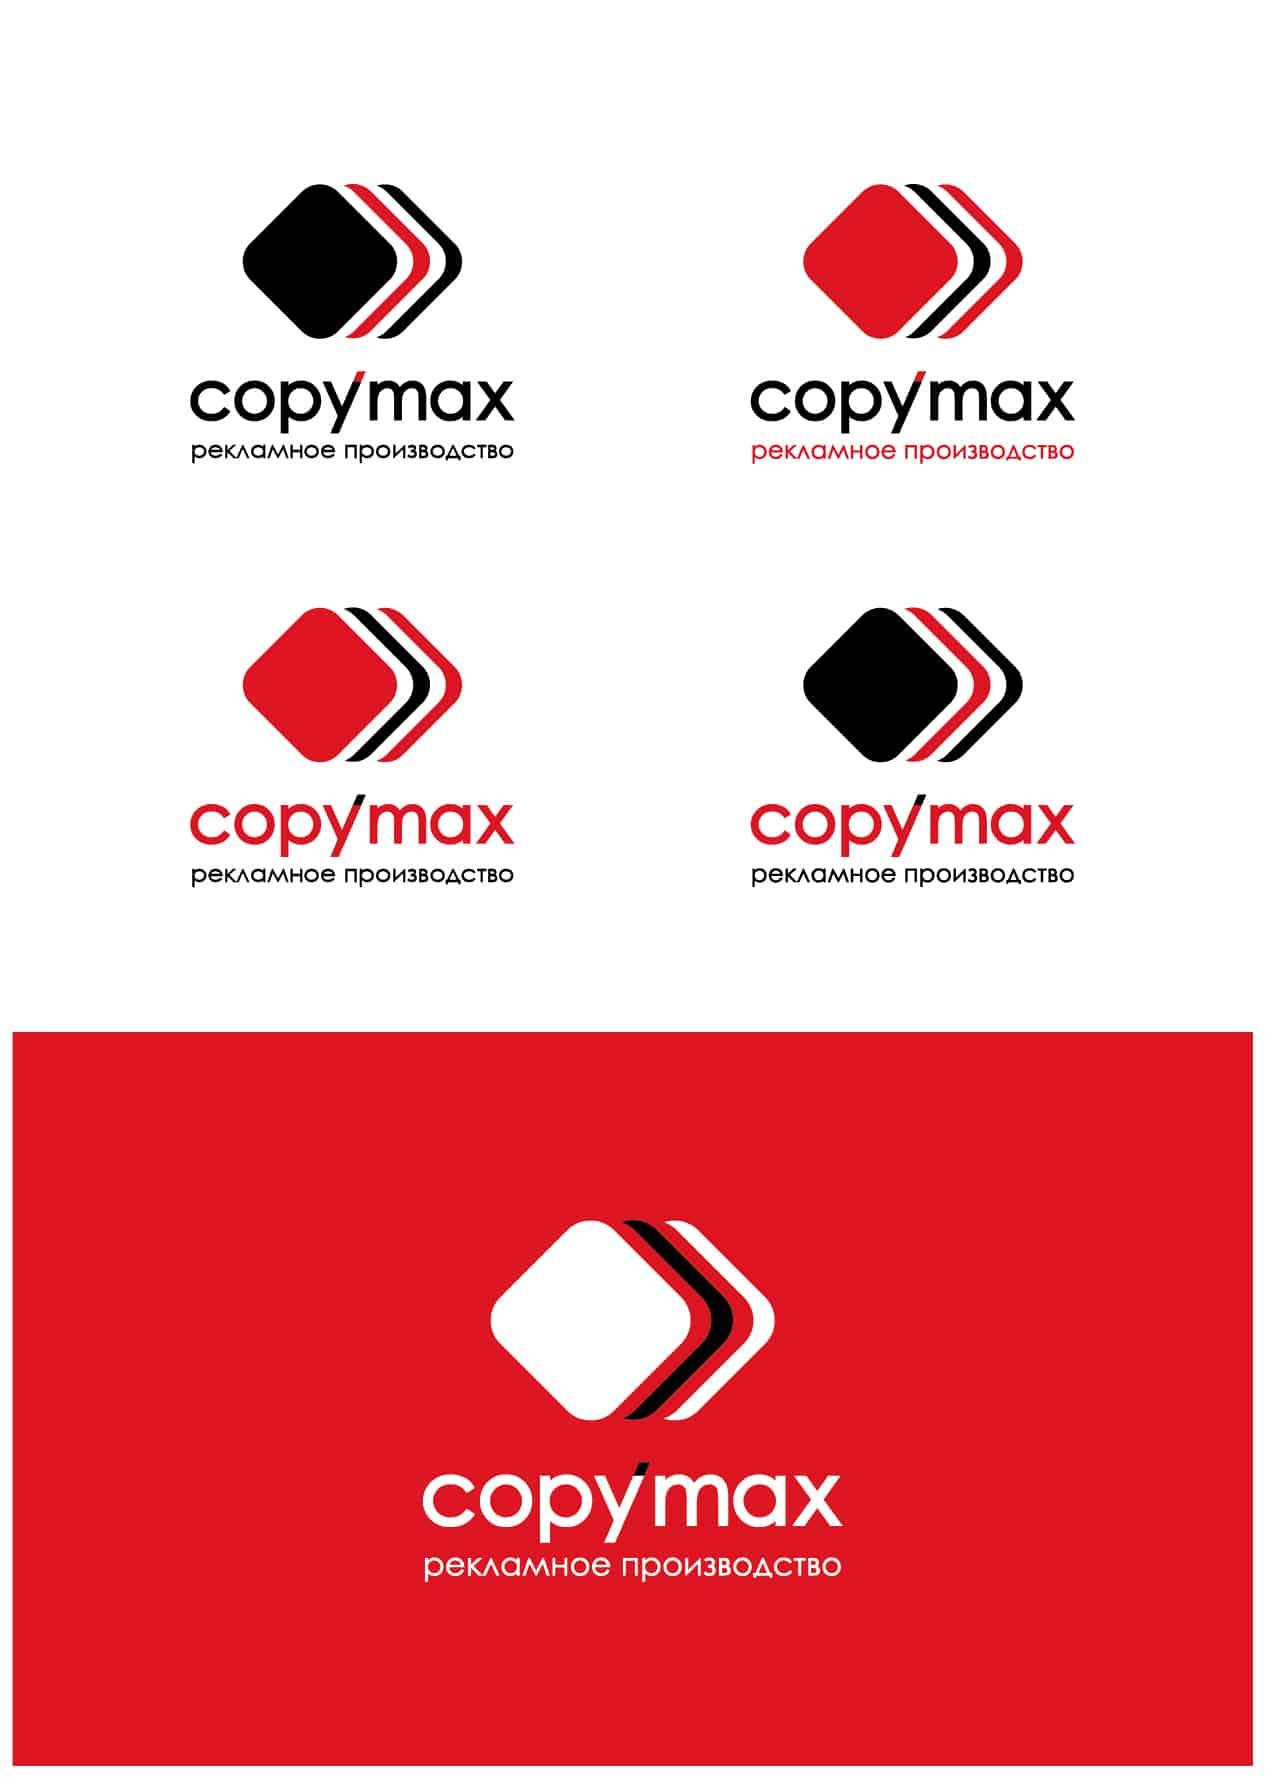 """Разработка логотипа производственной компании """"CopyMax"""" 1"""